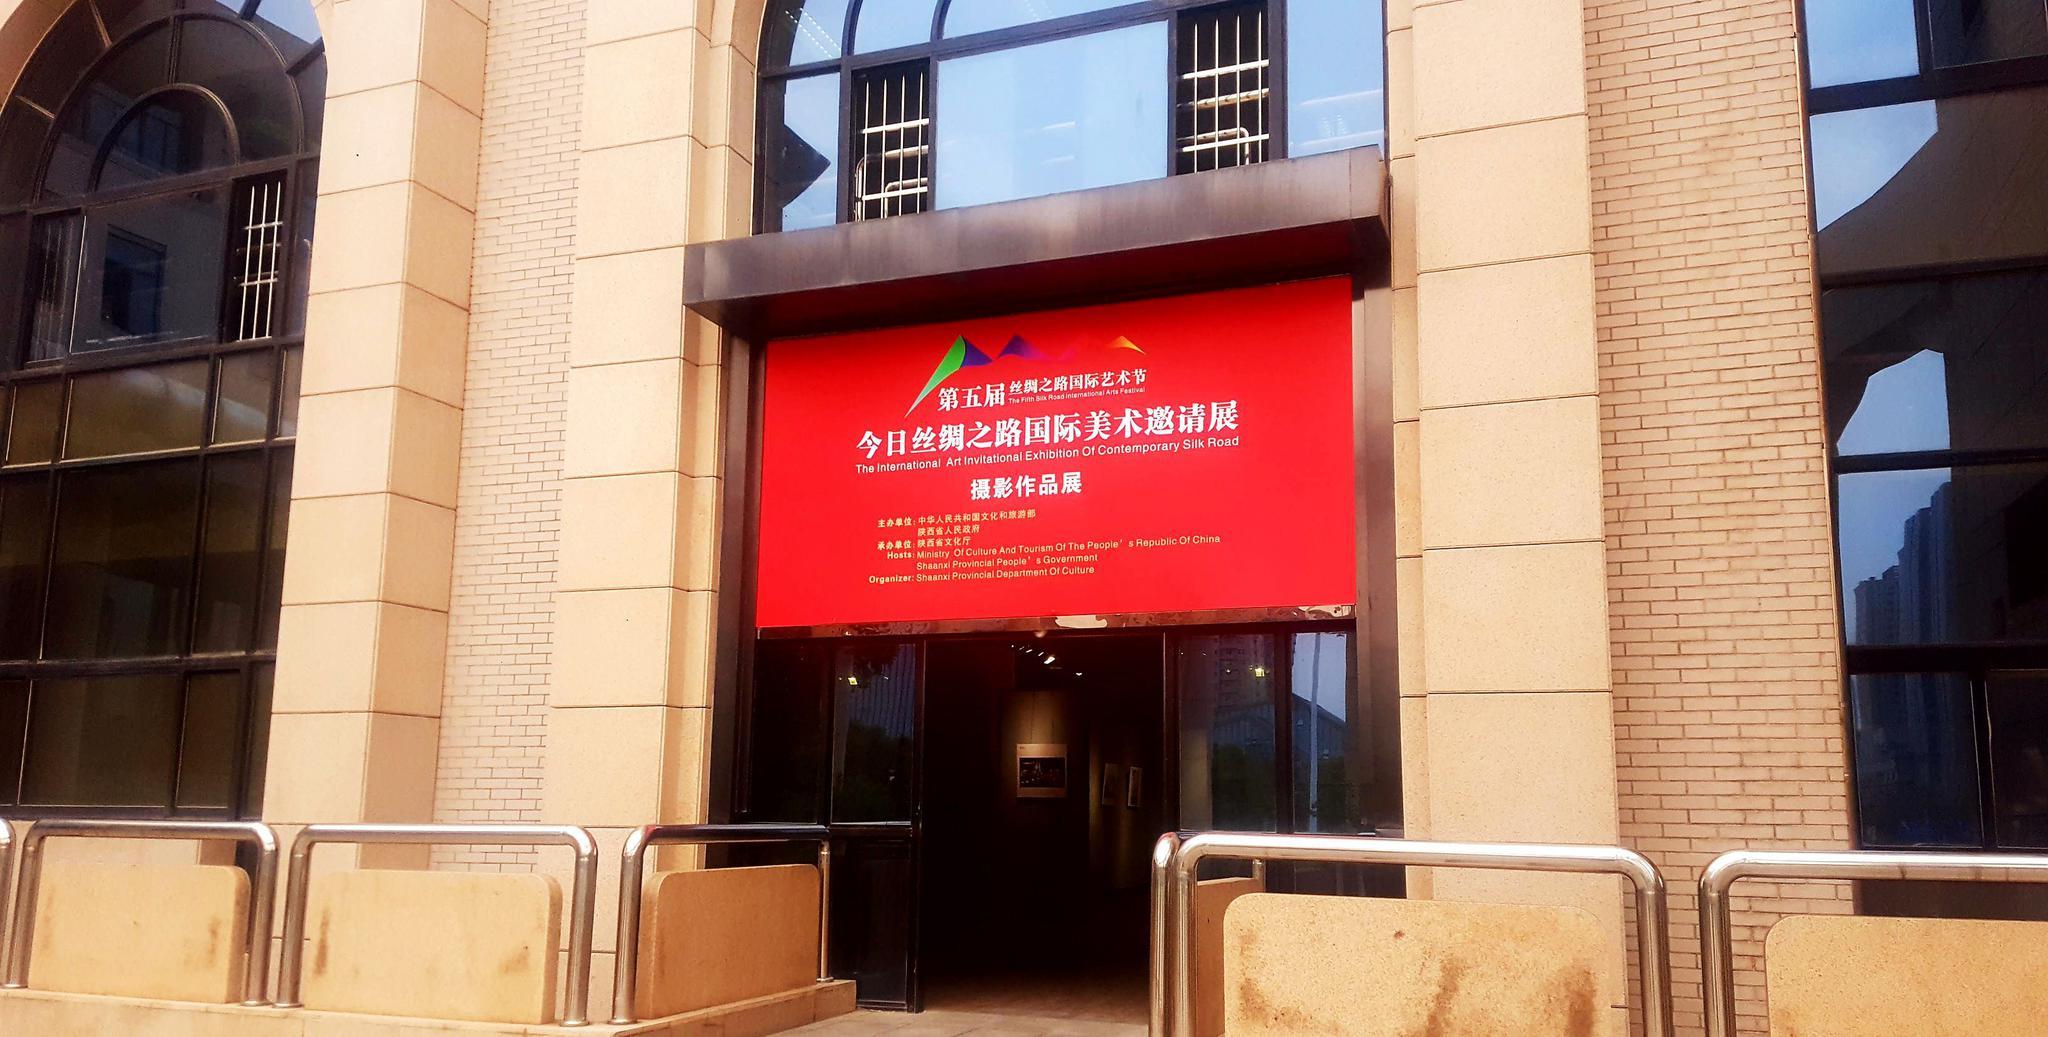 第五届丝绸之路国际艺术节9月底摄影作品展现场掠影